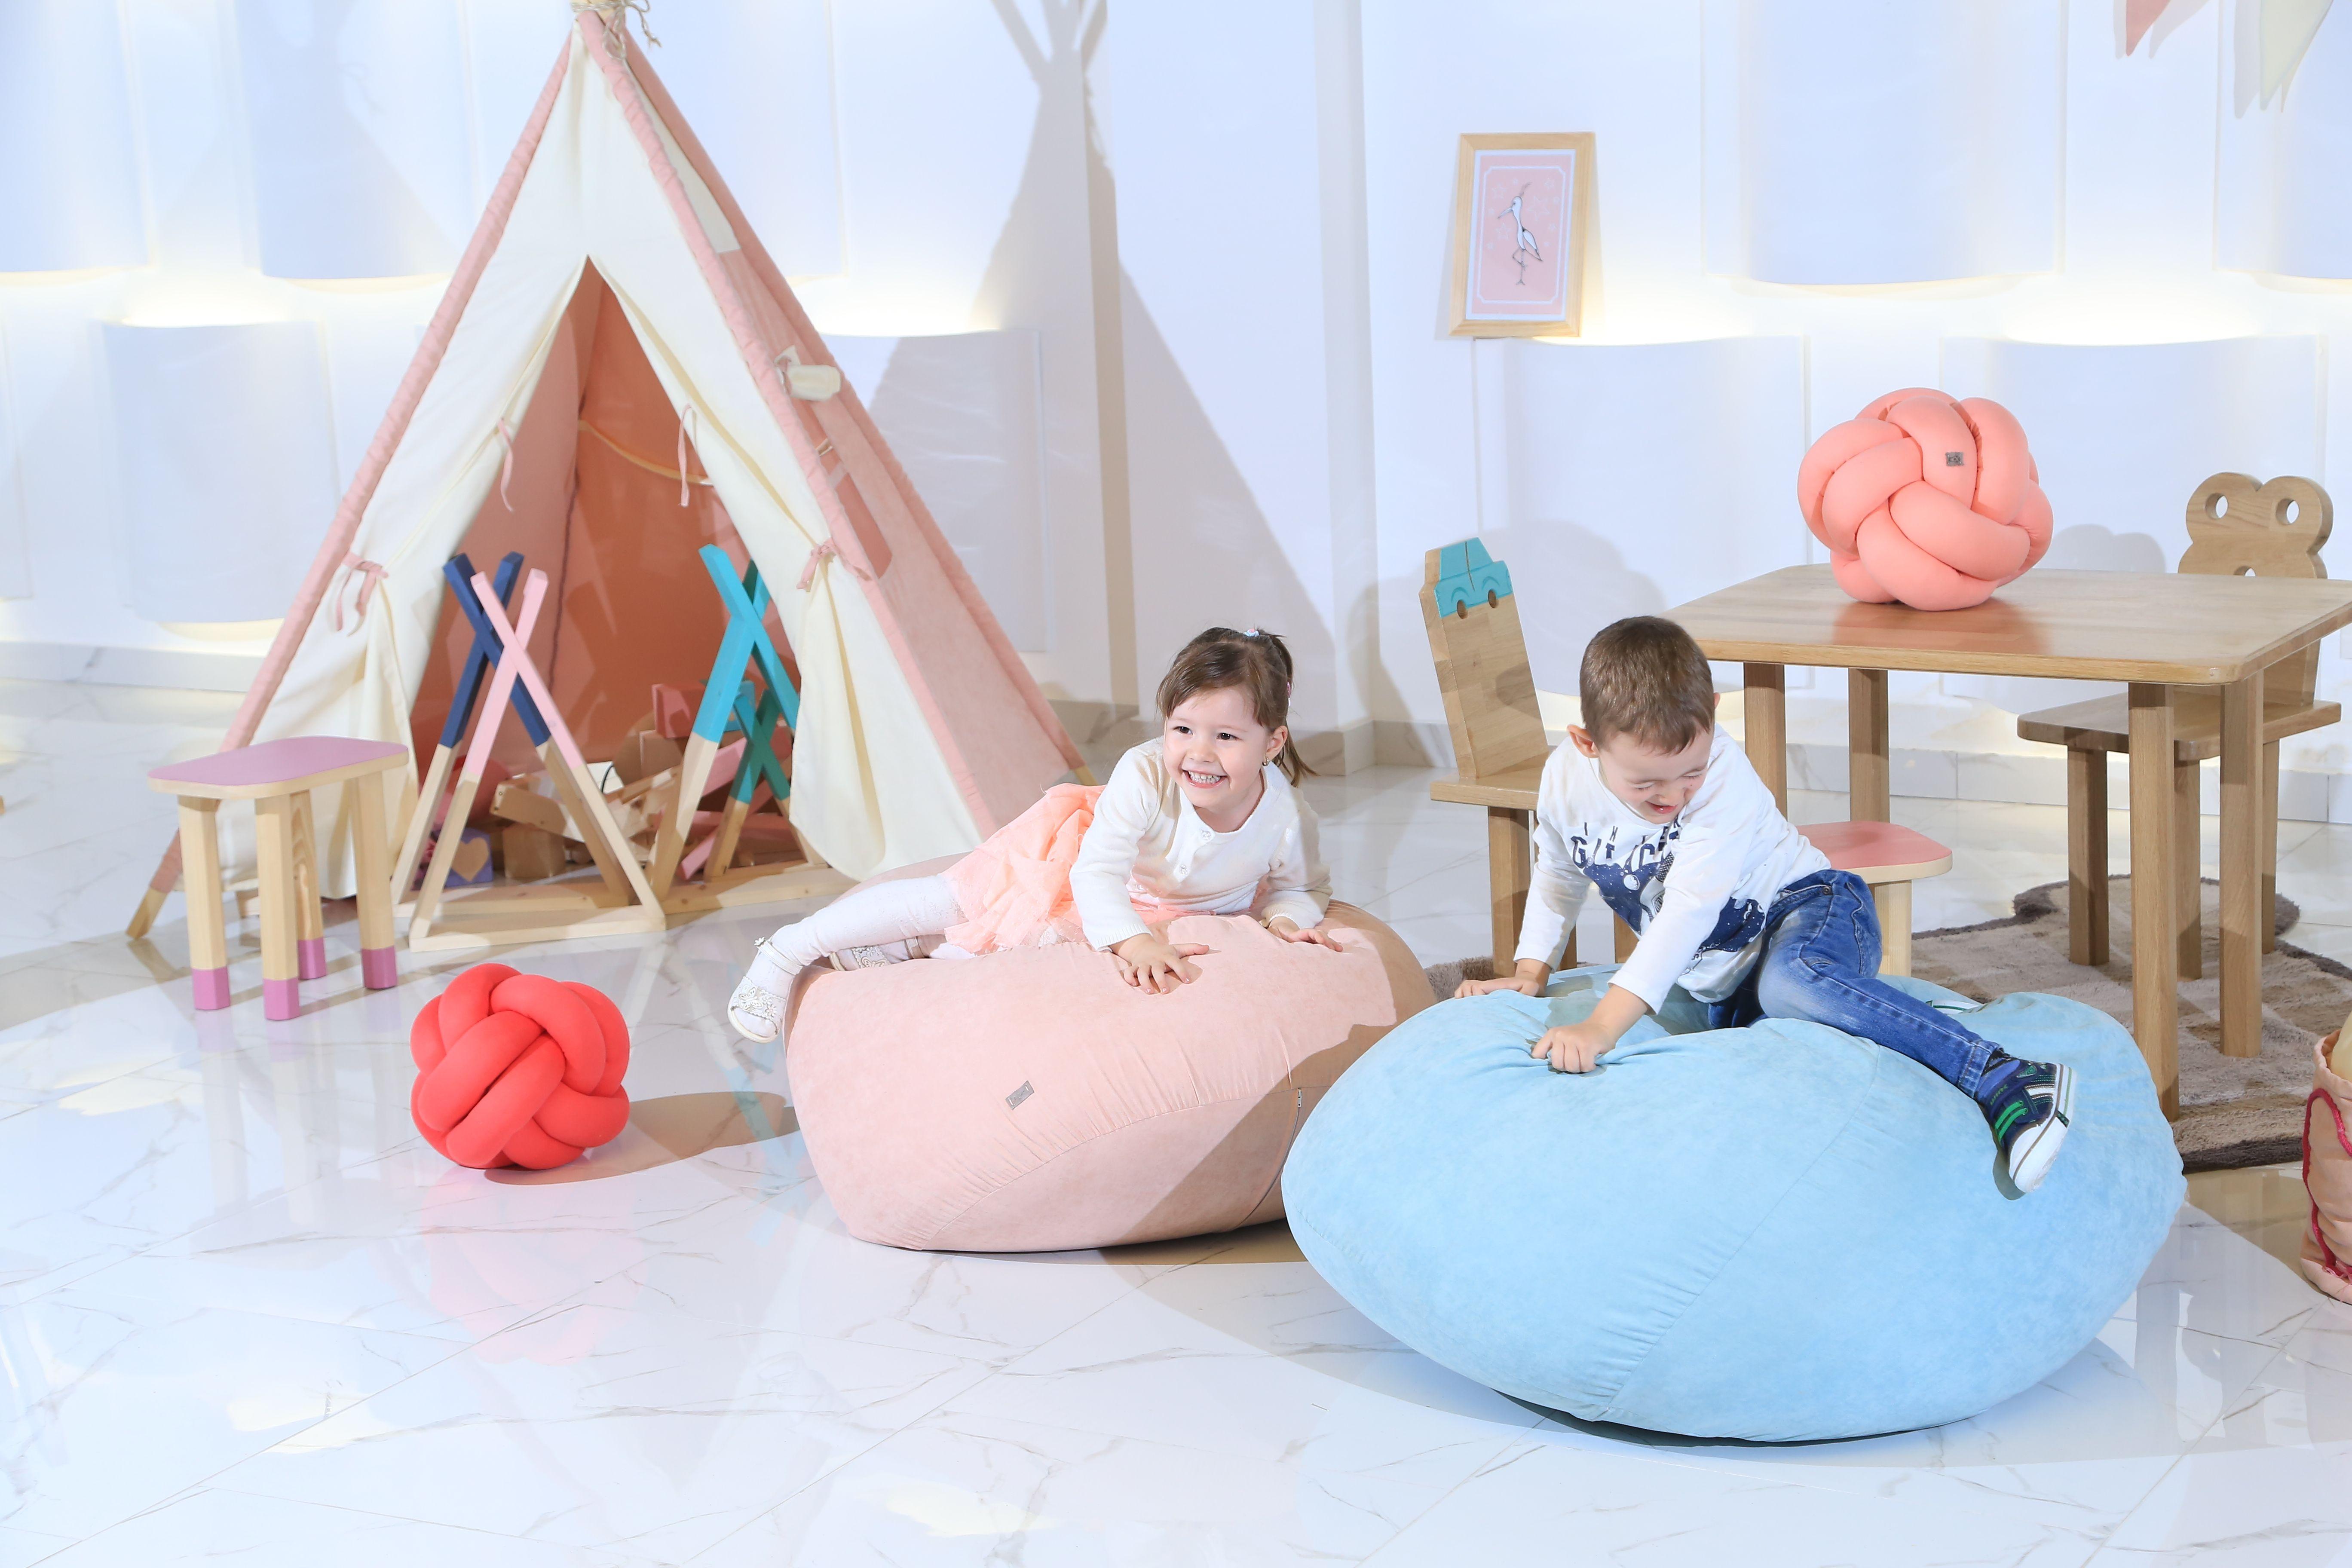 Bean Bag Bean Chair Bean Bag For Kids Bean Bag For Girls Cute Bean Bags Modern Bean Bag Living Room Bean Bag Kids Furniture Toddler Gifts Bean Bag Chair